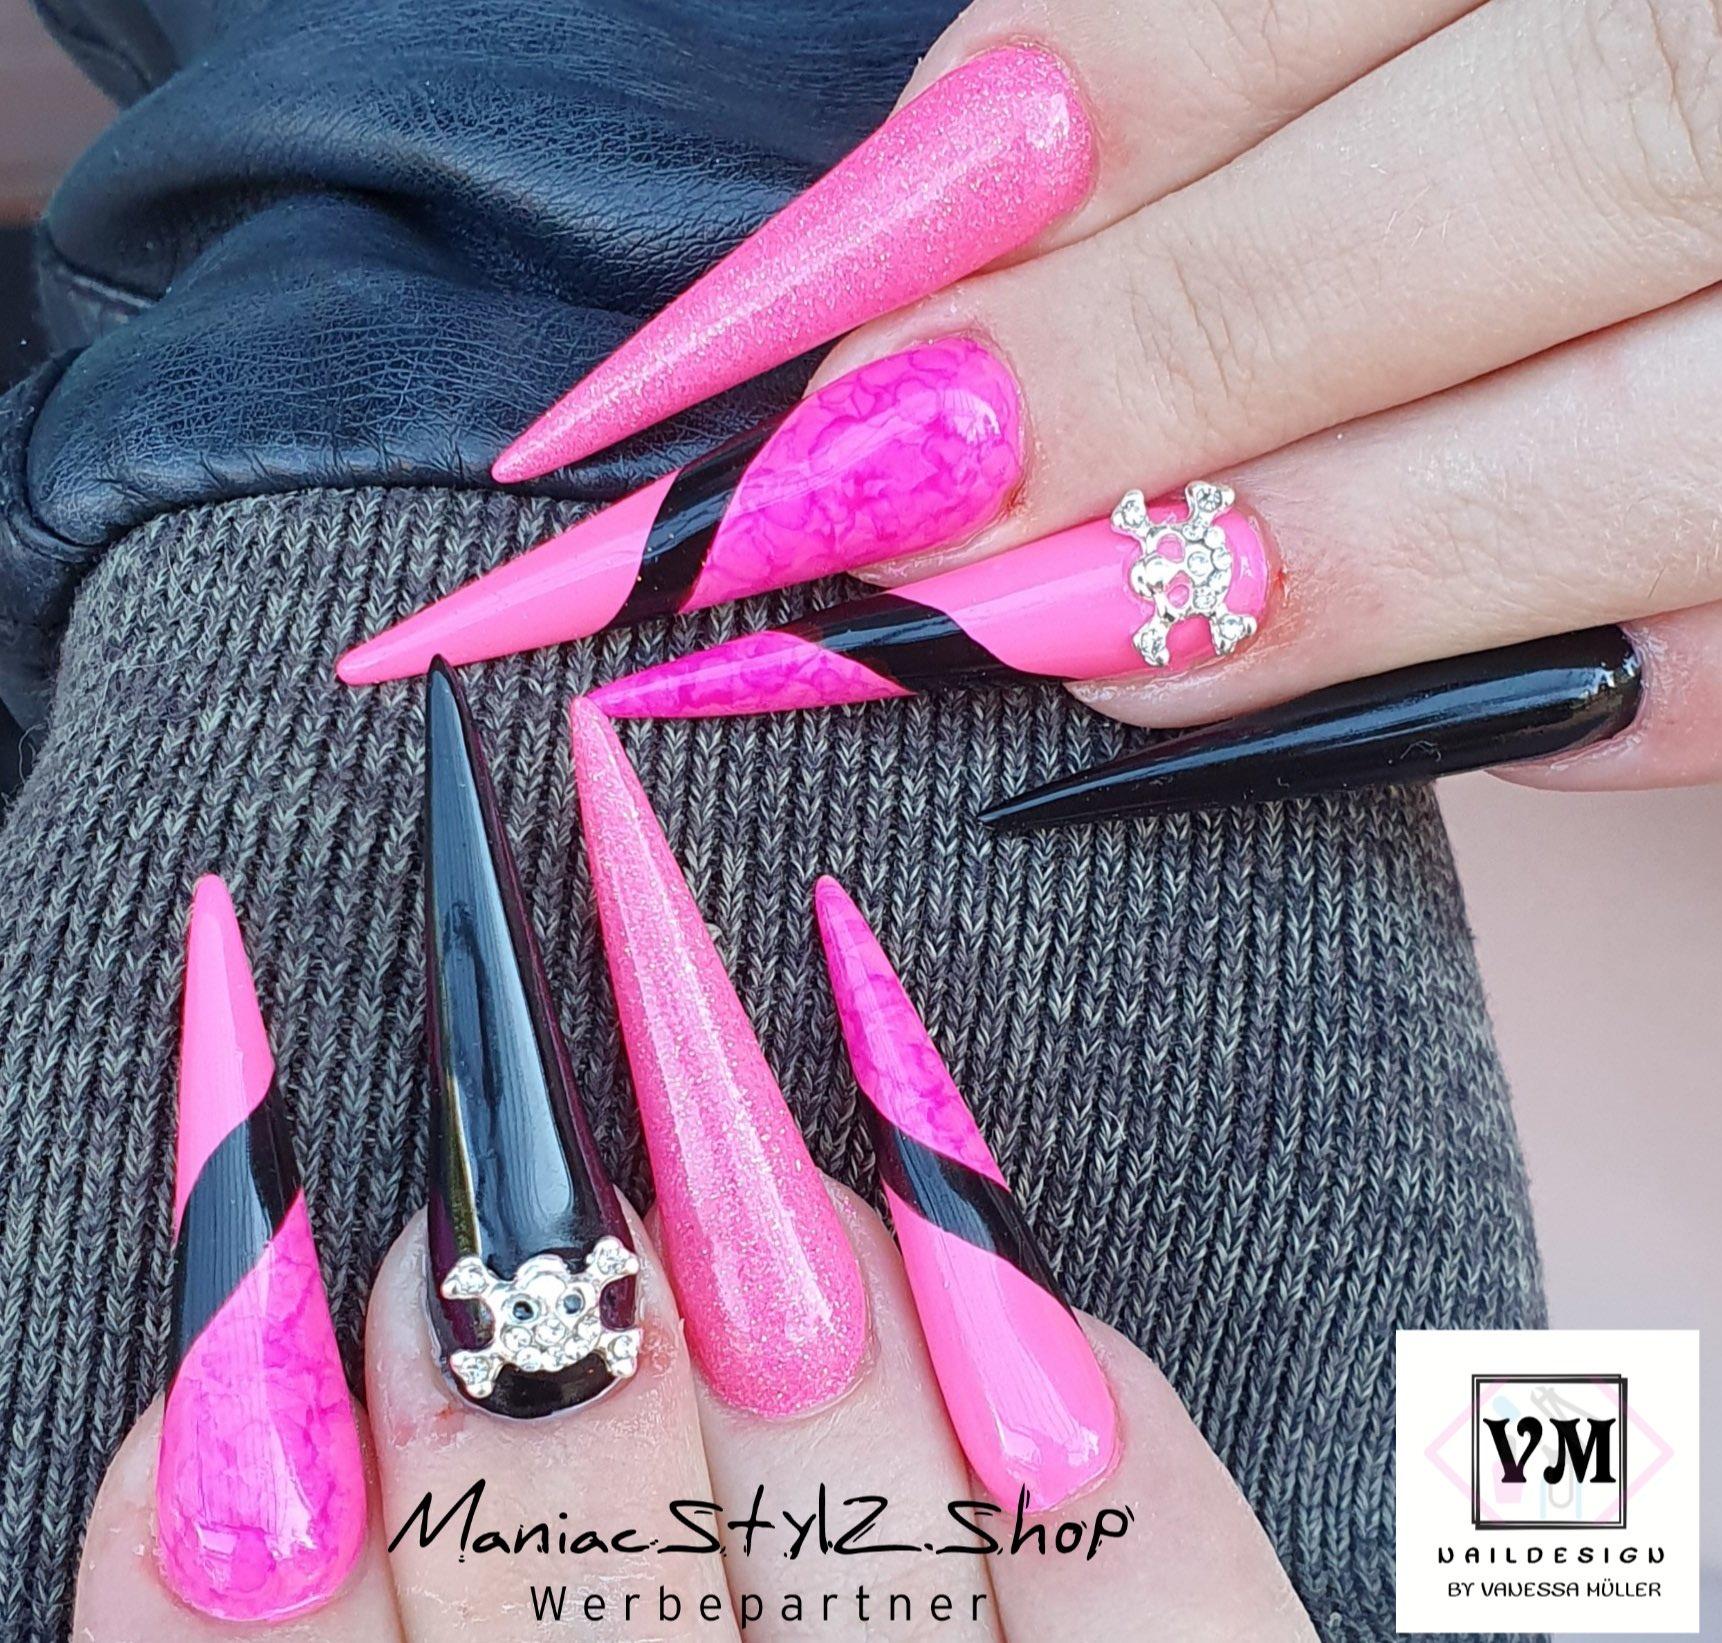 nagel design - maniac stylz 6